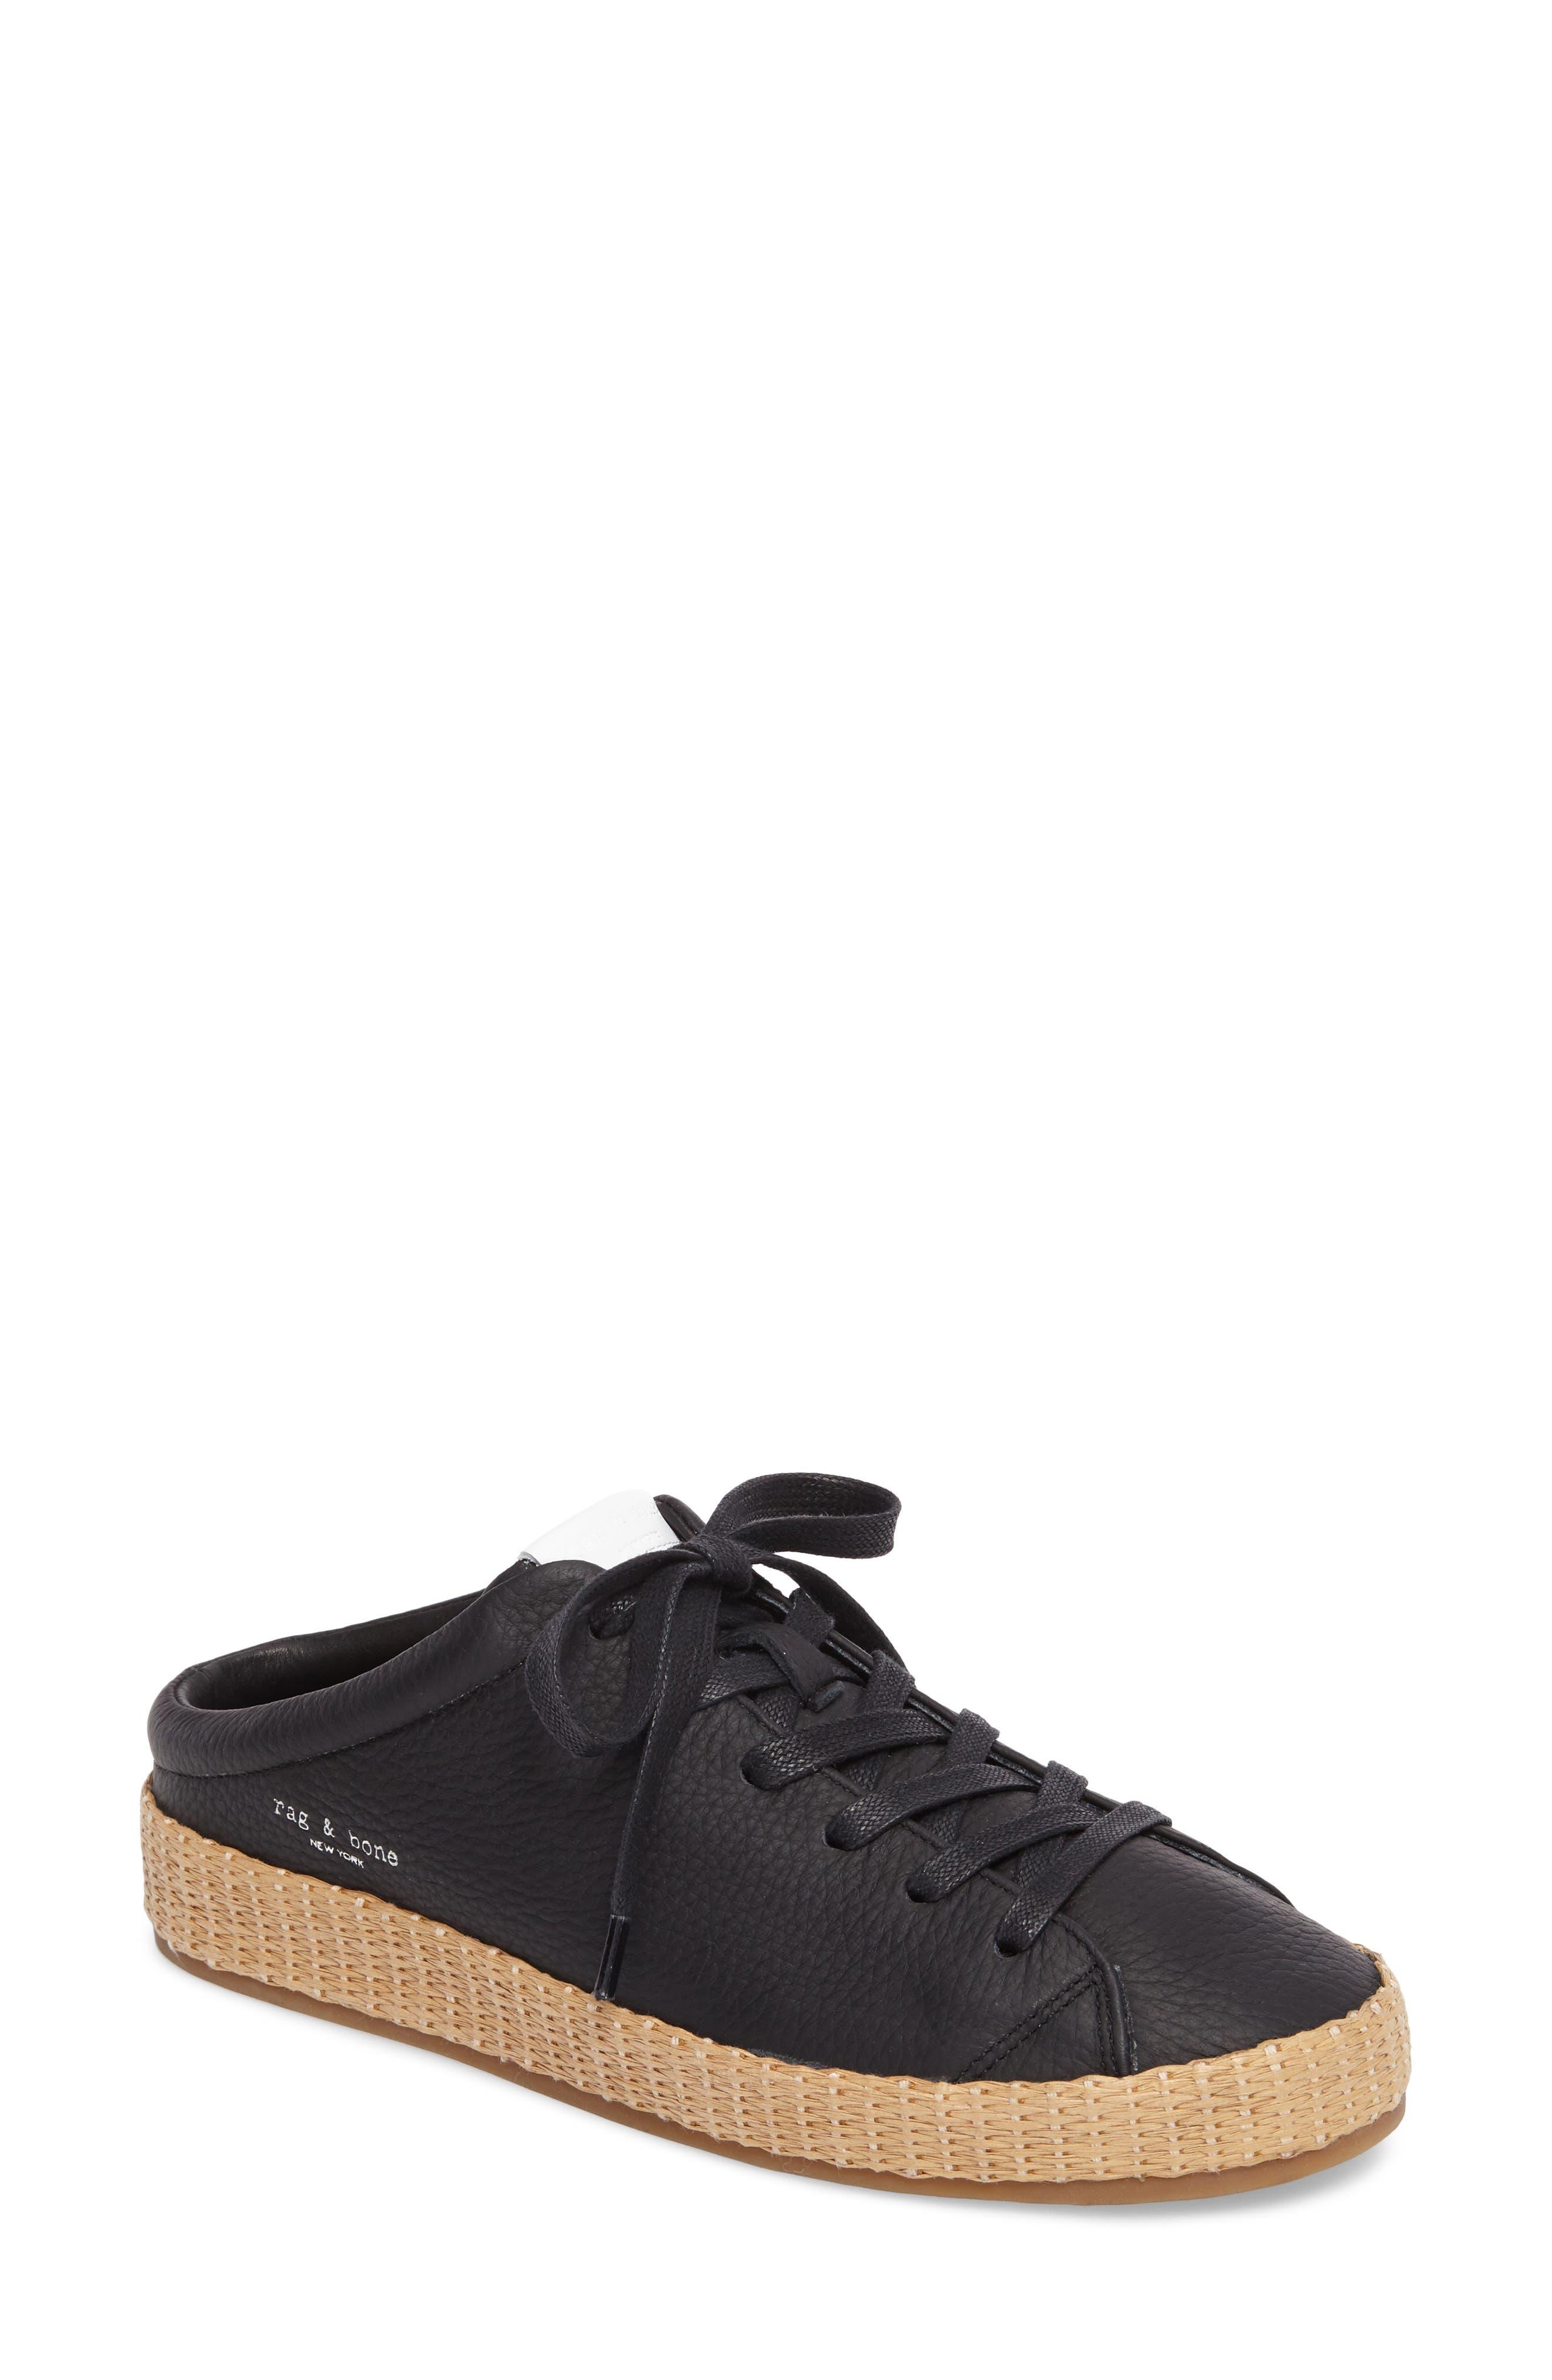 RB1 Slip-On Sneaker,                         Main,                         color, 001